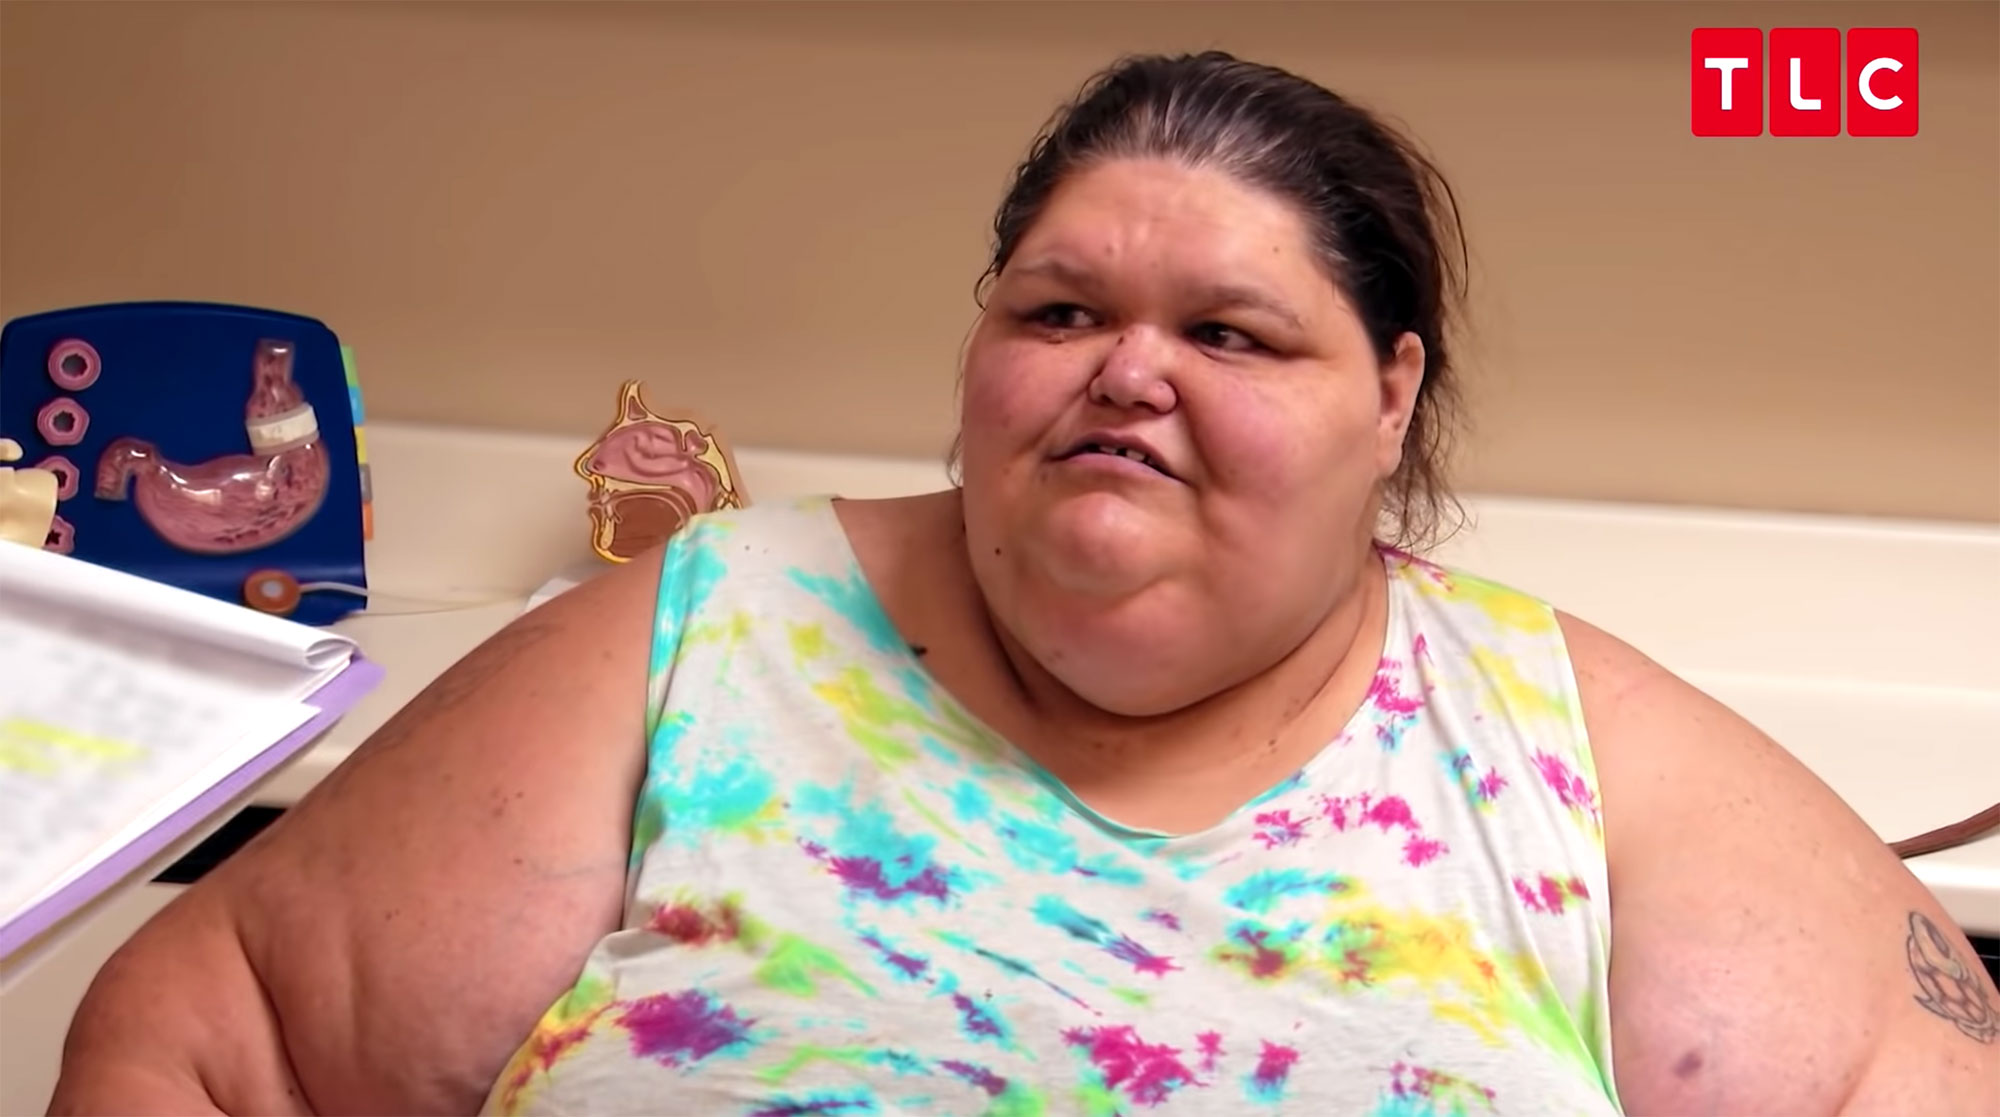 fat doctor season 5